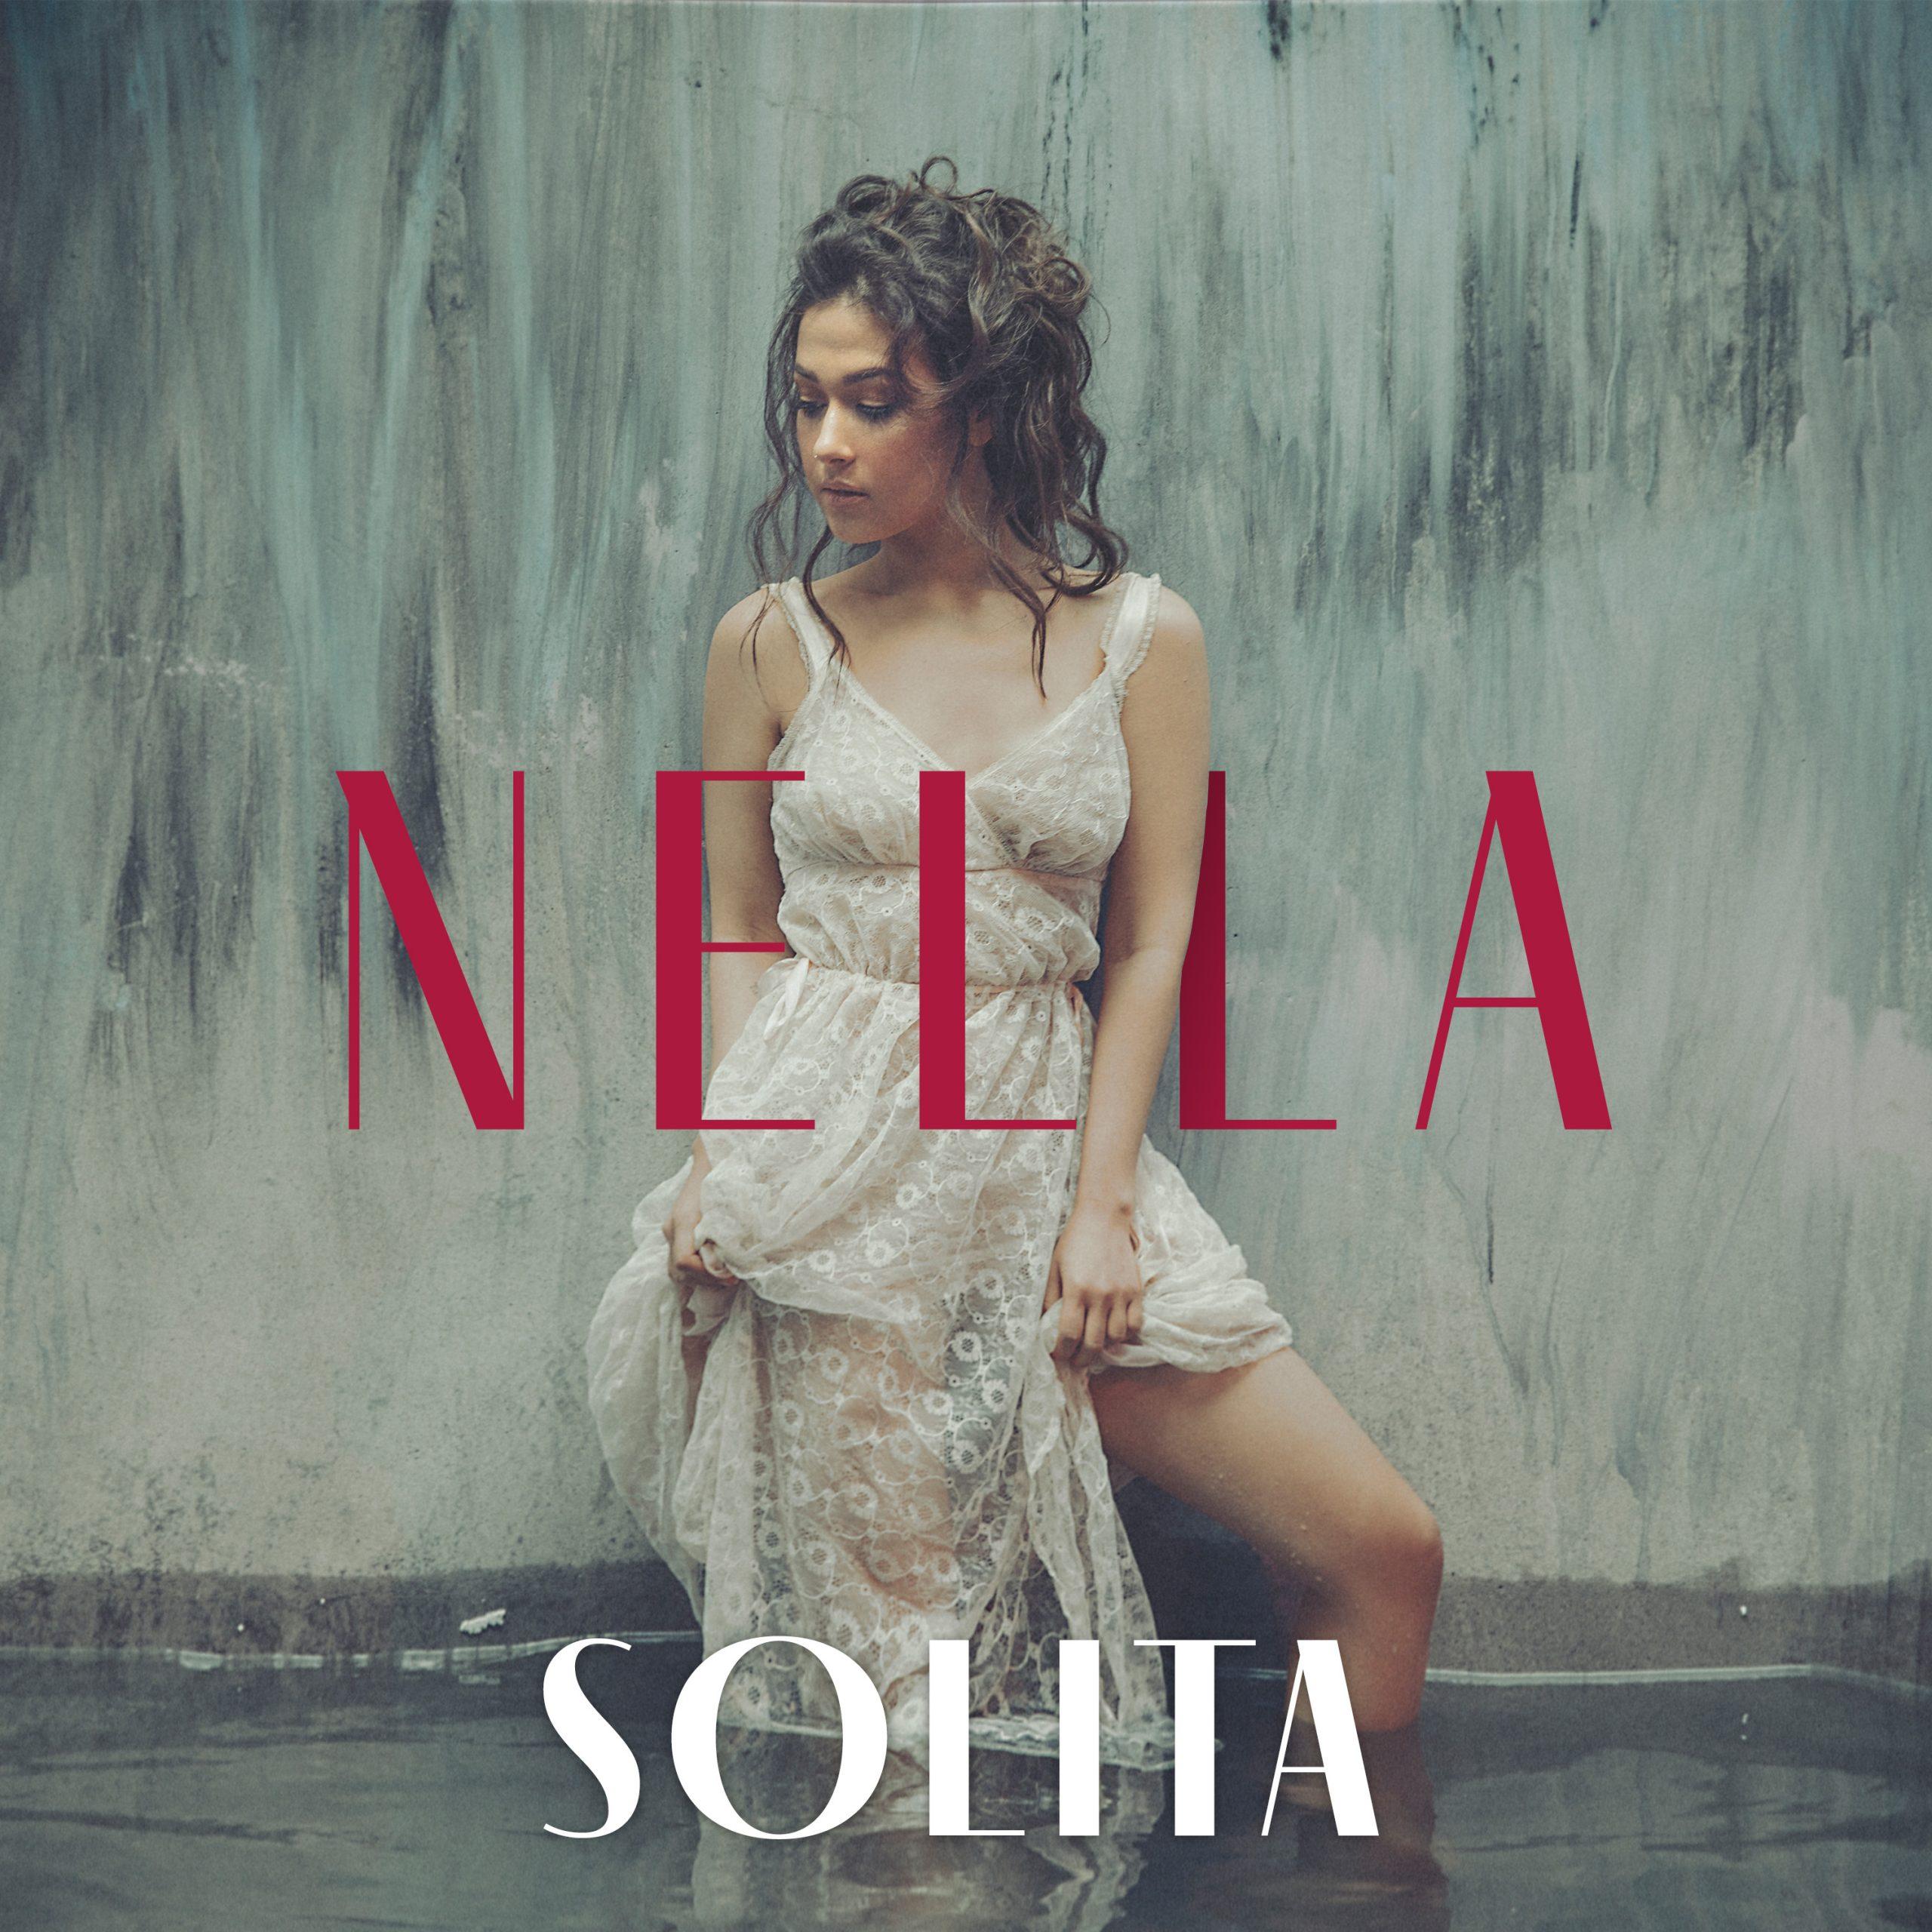 Nella_Solita_Cover